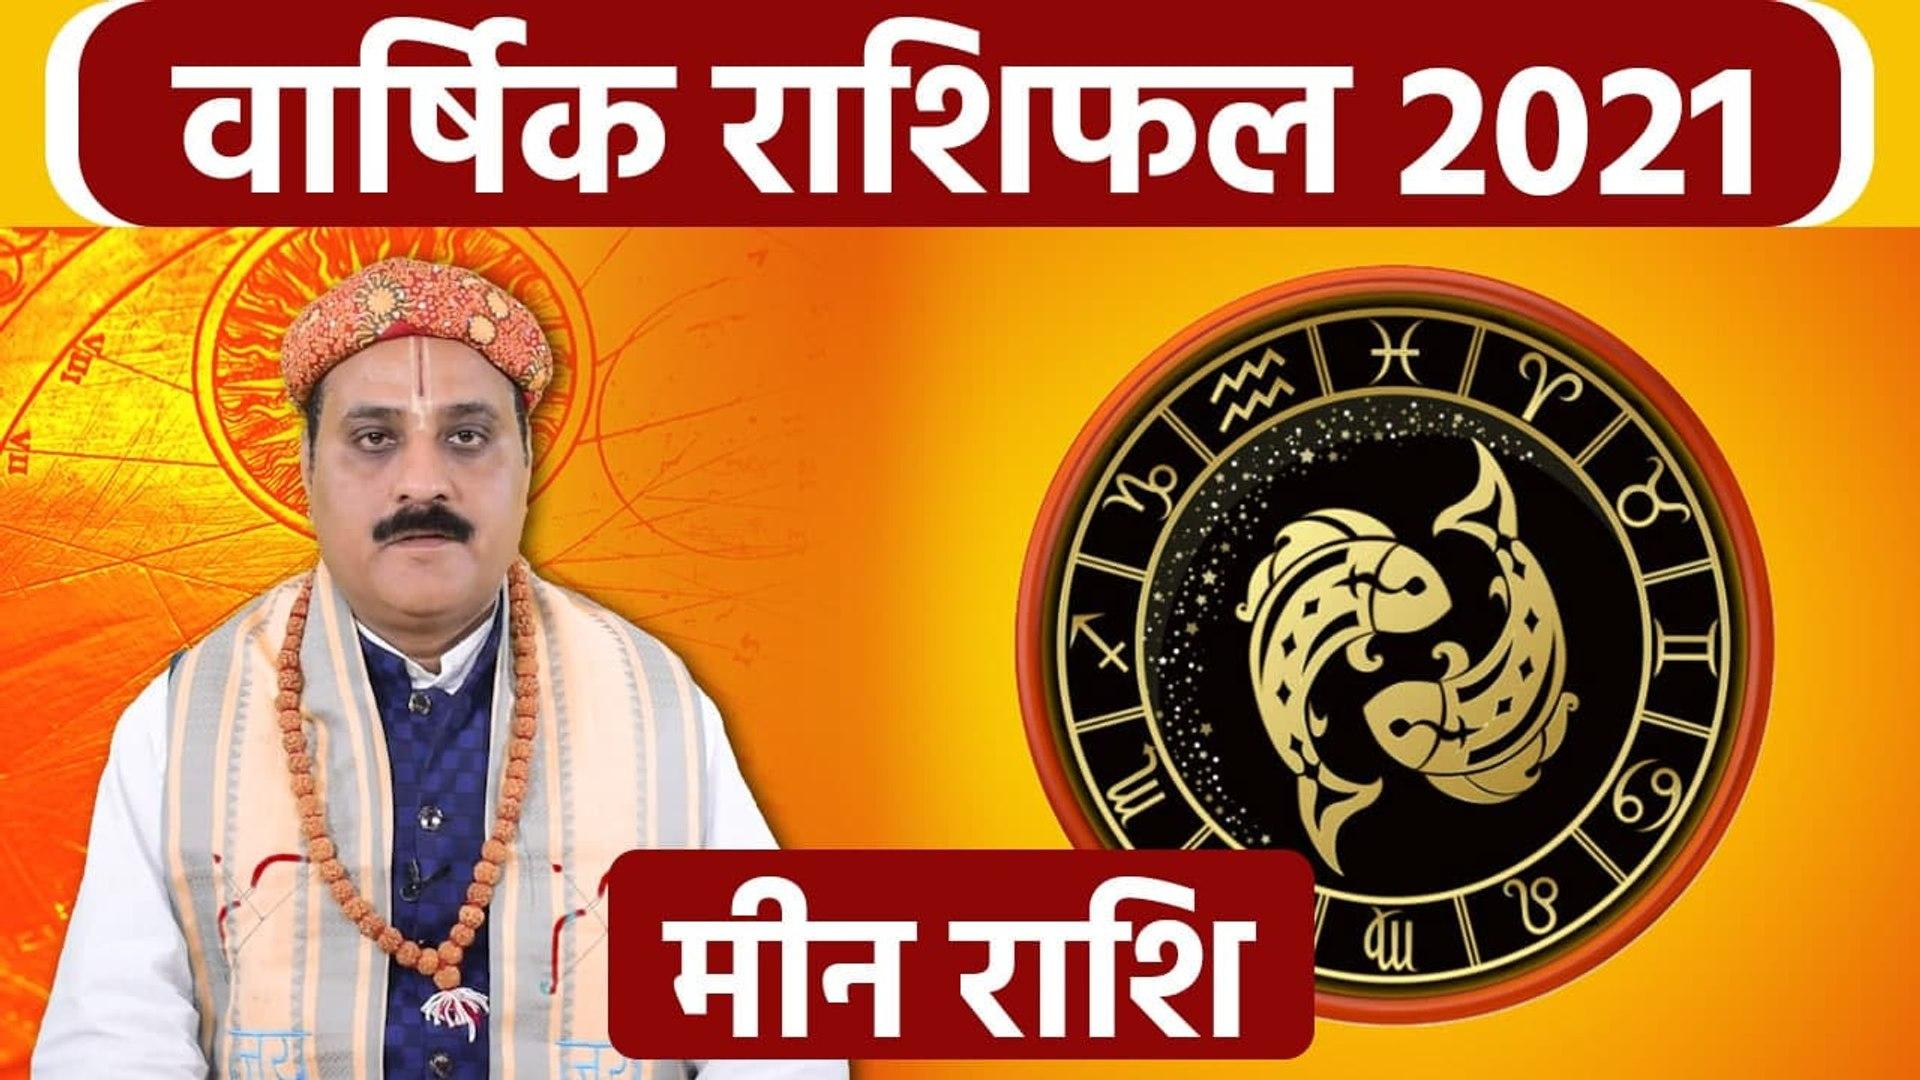 Meen Rashifal 2021: मीन राशिफल 2021 | वनइंडिया हिंदी